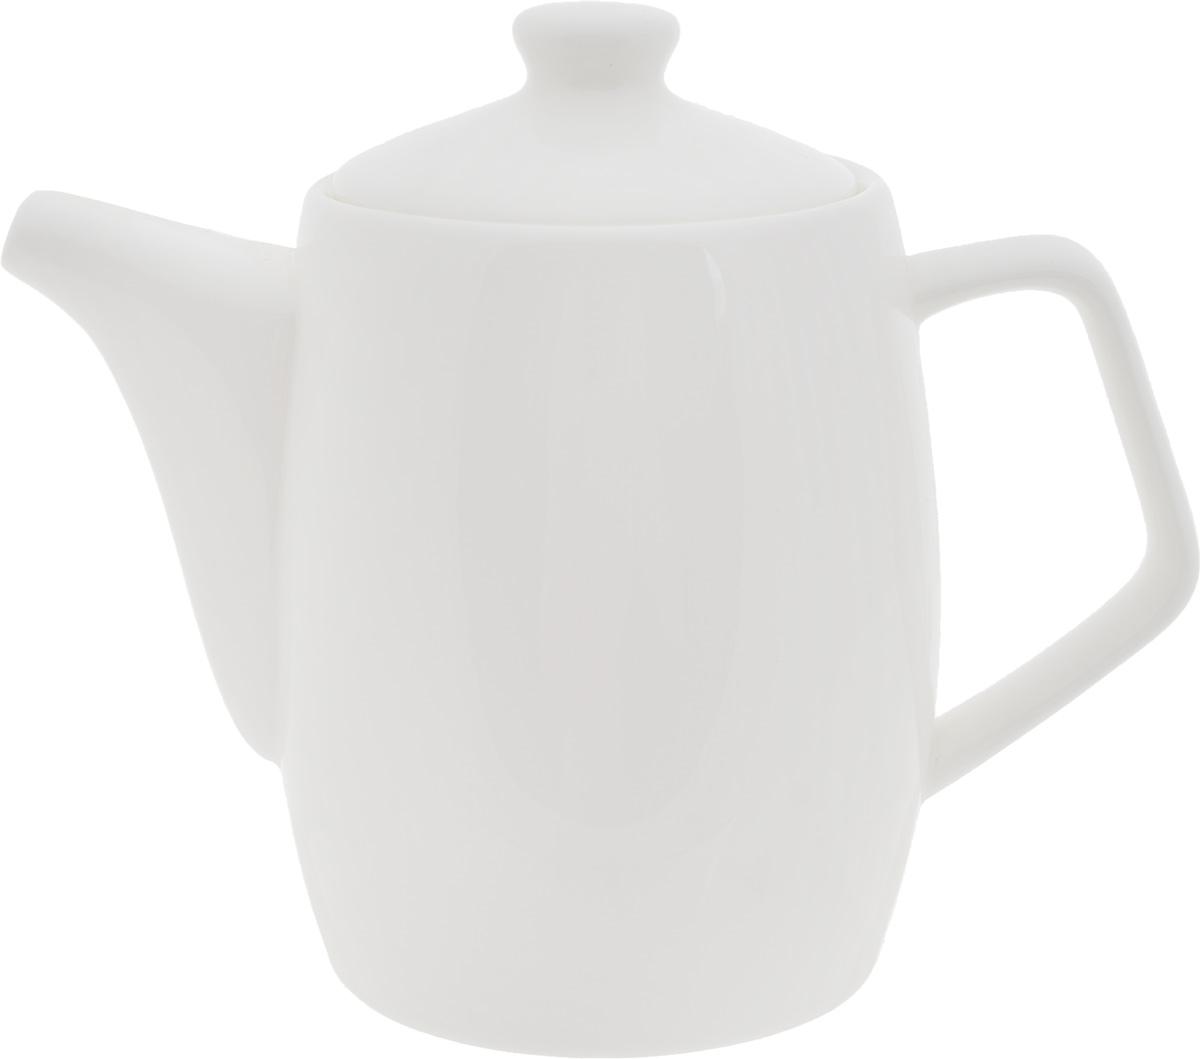 Чайник заварочный Wilmax, 1 л391602Заварочный чайник Wilmax изготовлен из высококачественного фарфора. Глазурованное покрытие обеспечивает легкую очистку. Изделие прекрасно подходит для заваривания вкусного и ароматного чая, а также травяных настоев. Ситечко в основании носика препятствует попаданию чаинок в чашку. Оригинальный дизайн сделает чайник настоящим украшением стола. Он удобен в использовании и понравится каждому.Можно мыть в посудомоечной машине и использовать в микроволновой печи. Диаметр чайника (по верхнему краю): 9,2 см. Высота чайника (без учета крышки): 14,2 см.